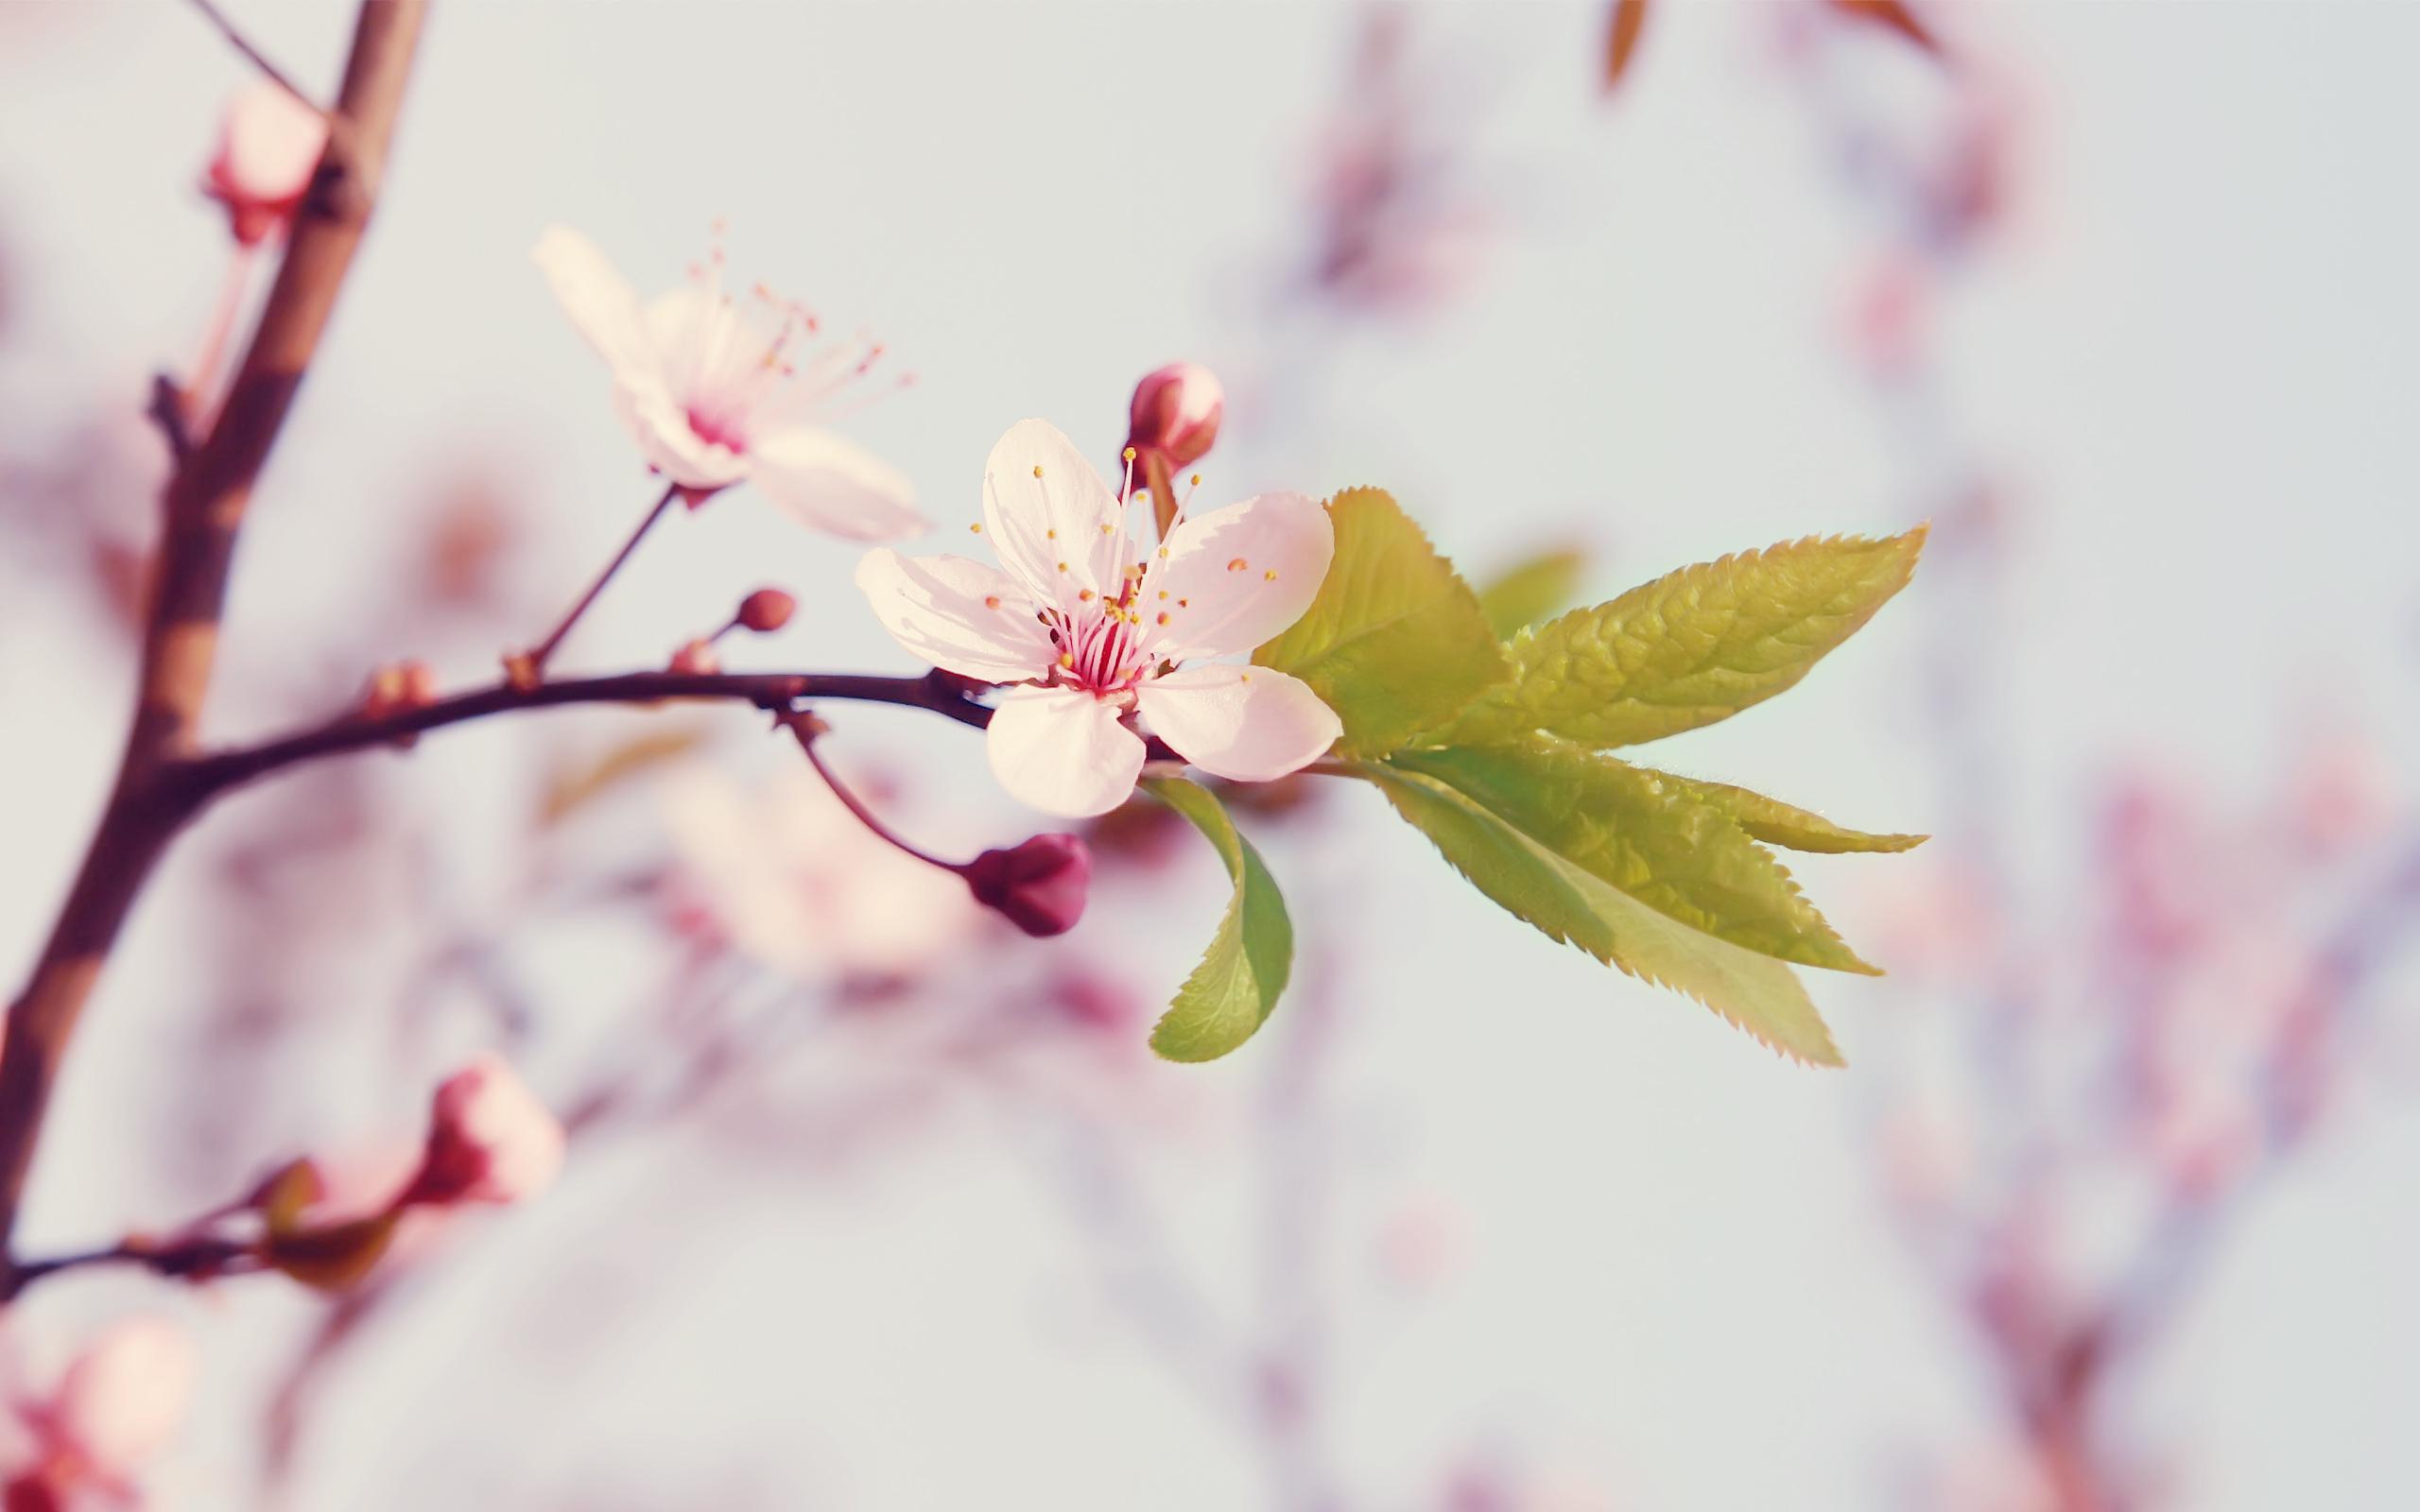 цветение почки весна без смс